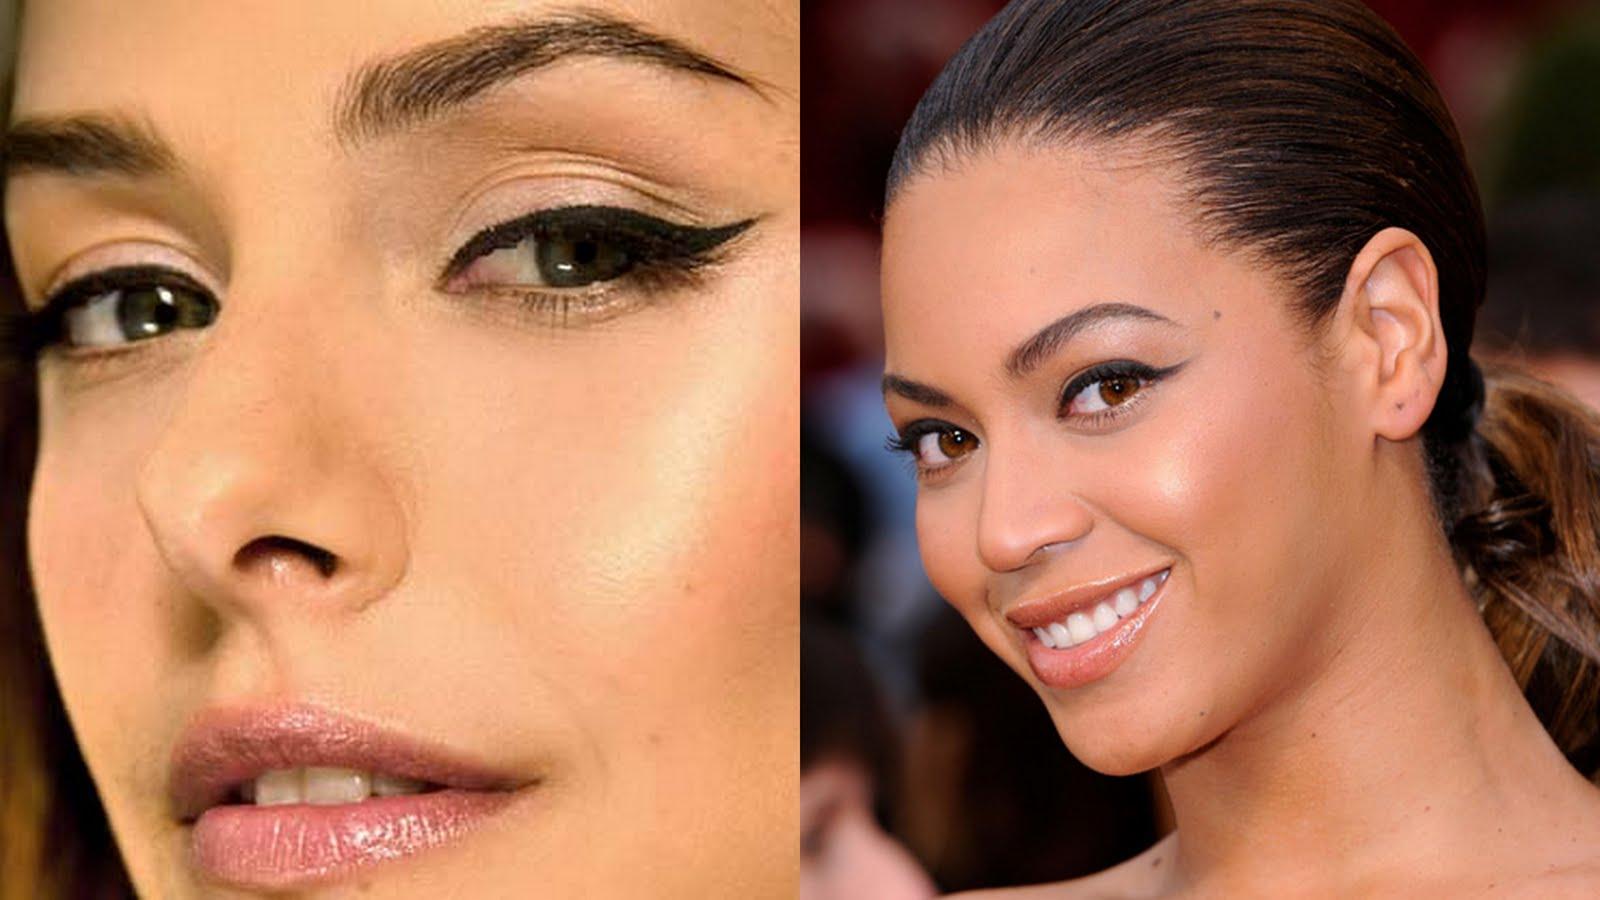 Pin on Make up ️